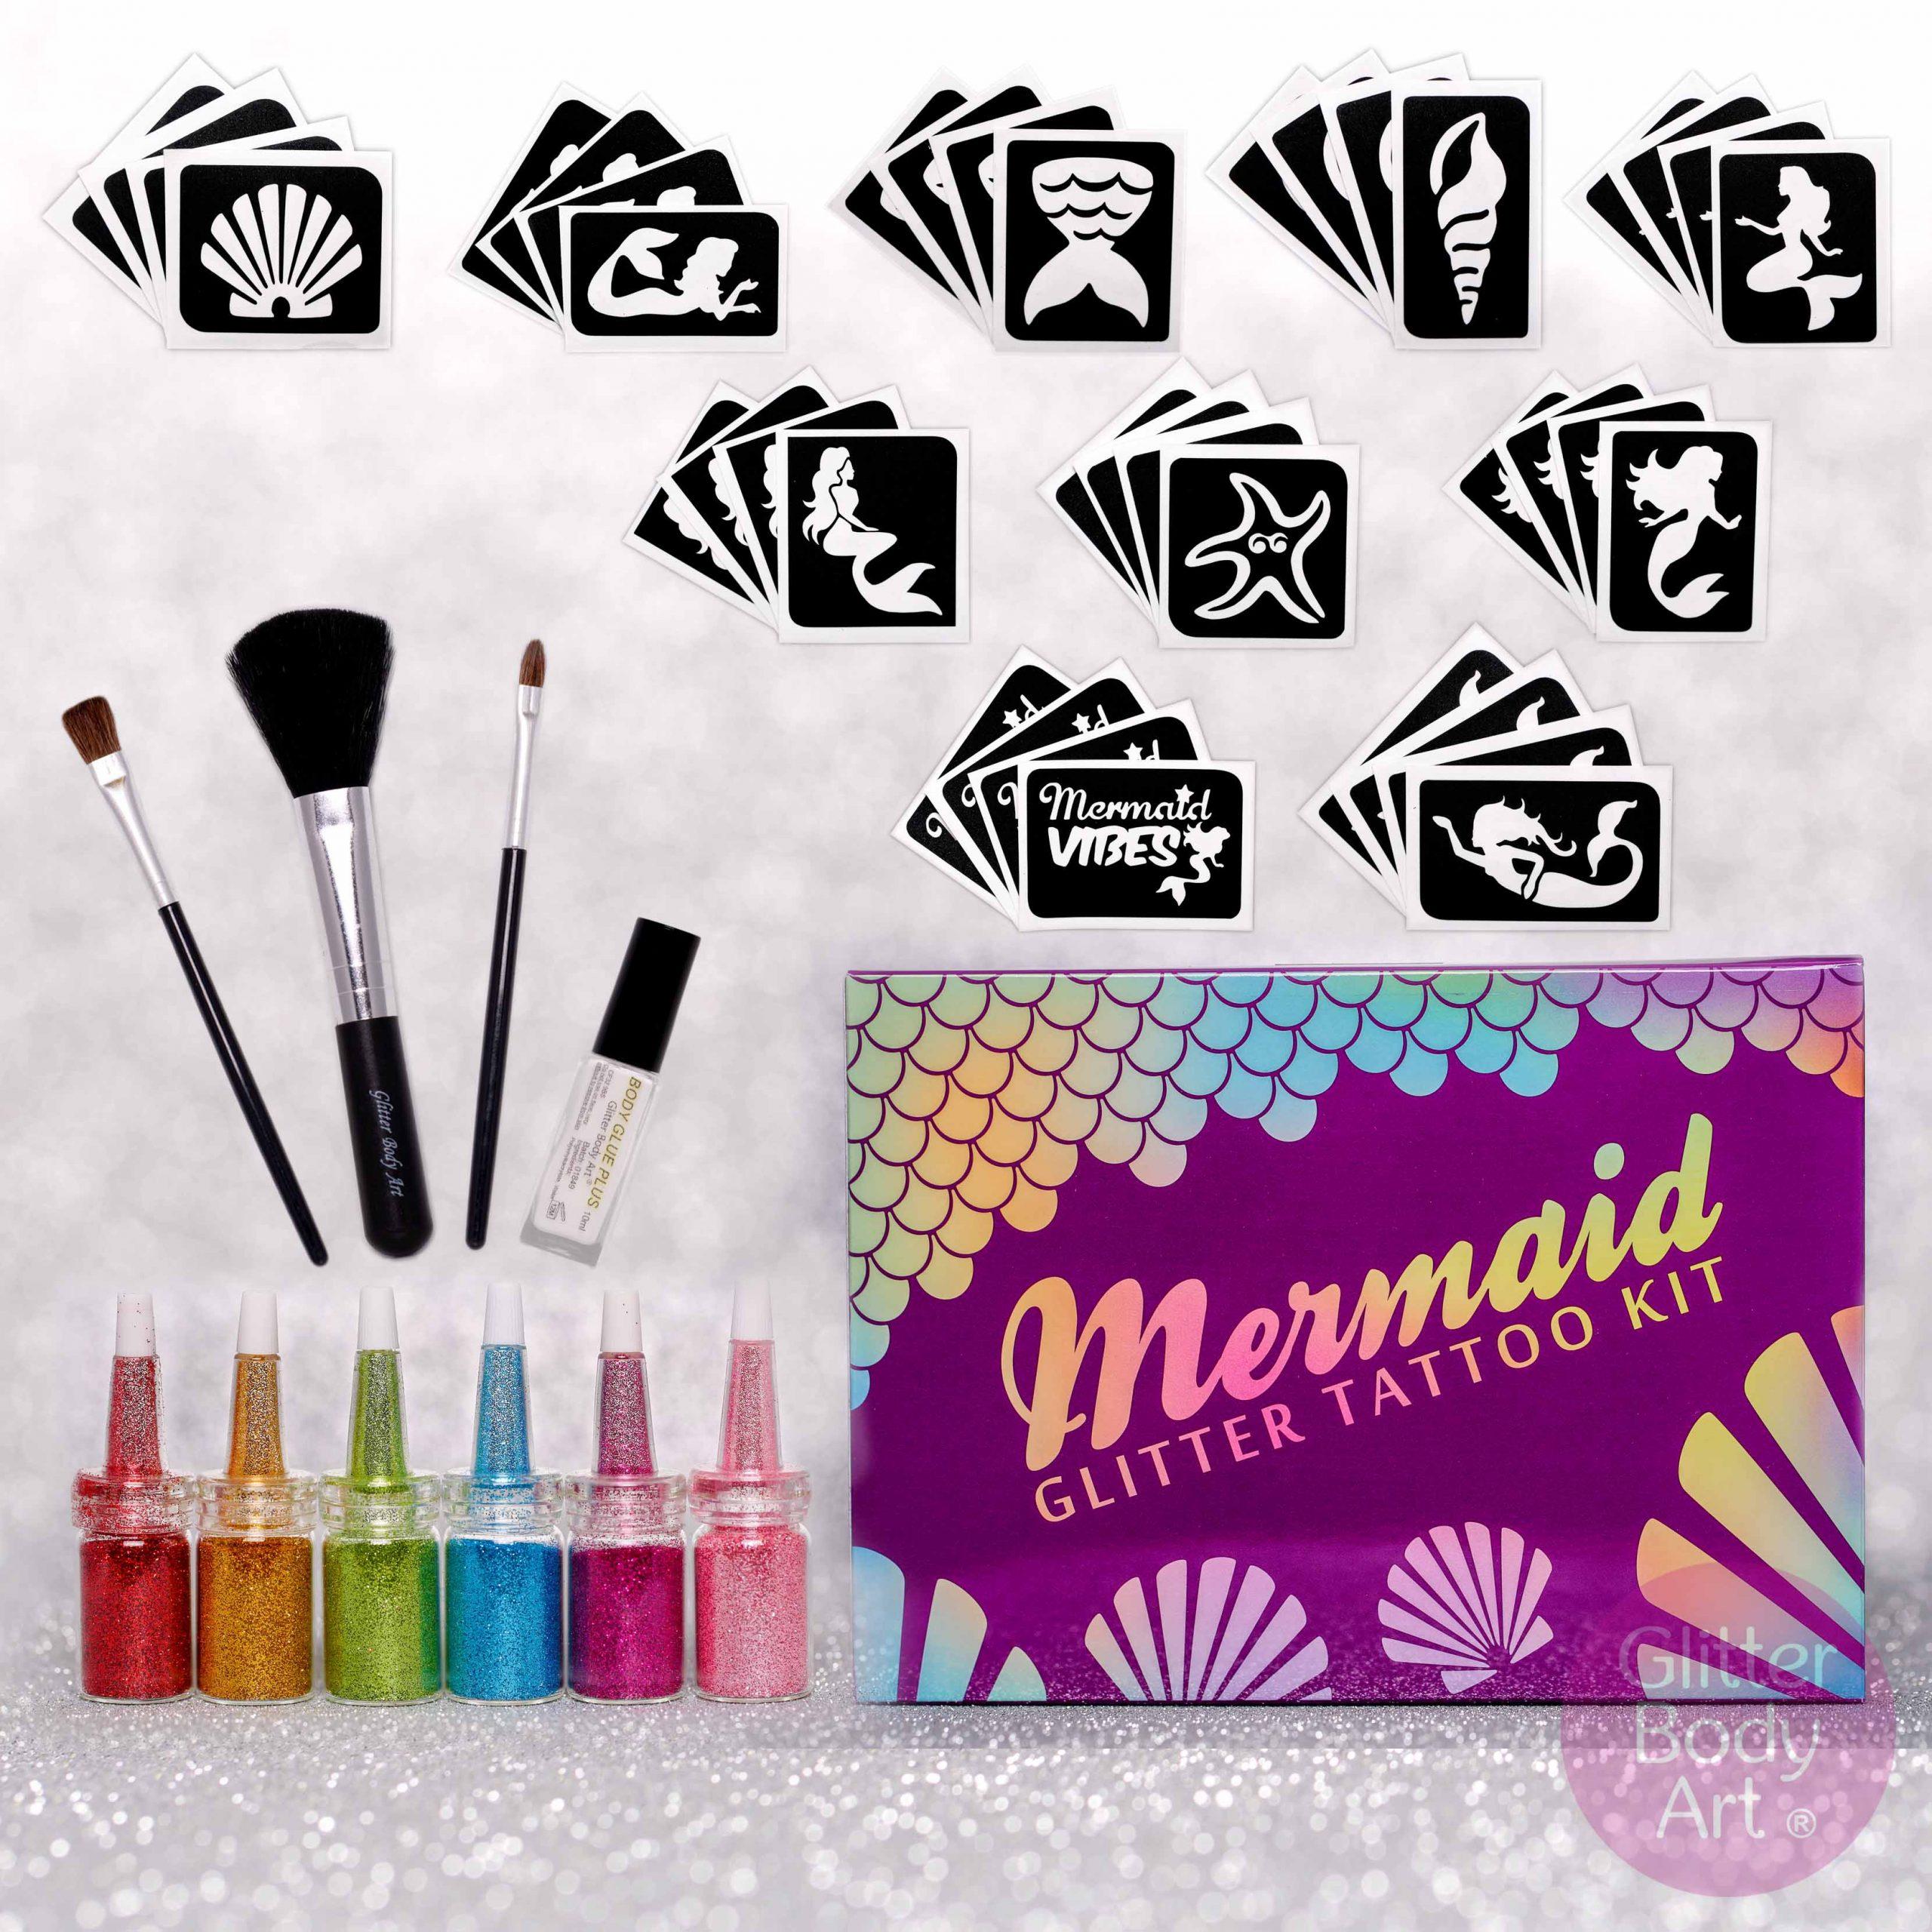 Mermaid Glitter Tattoo Kit Temporary Tattoo Store